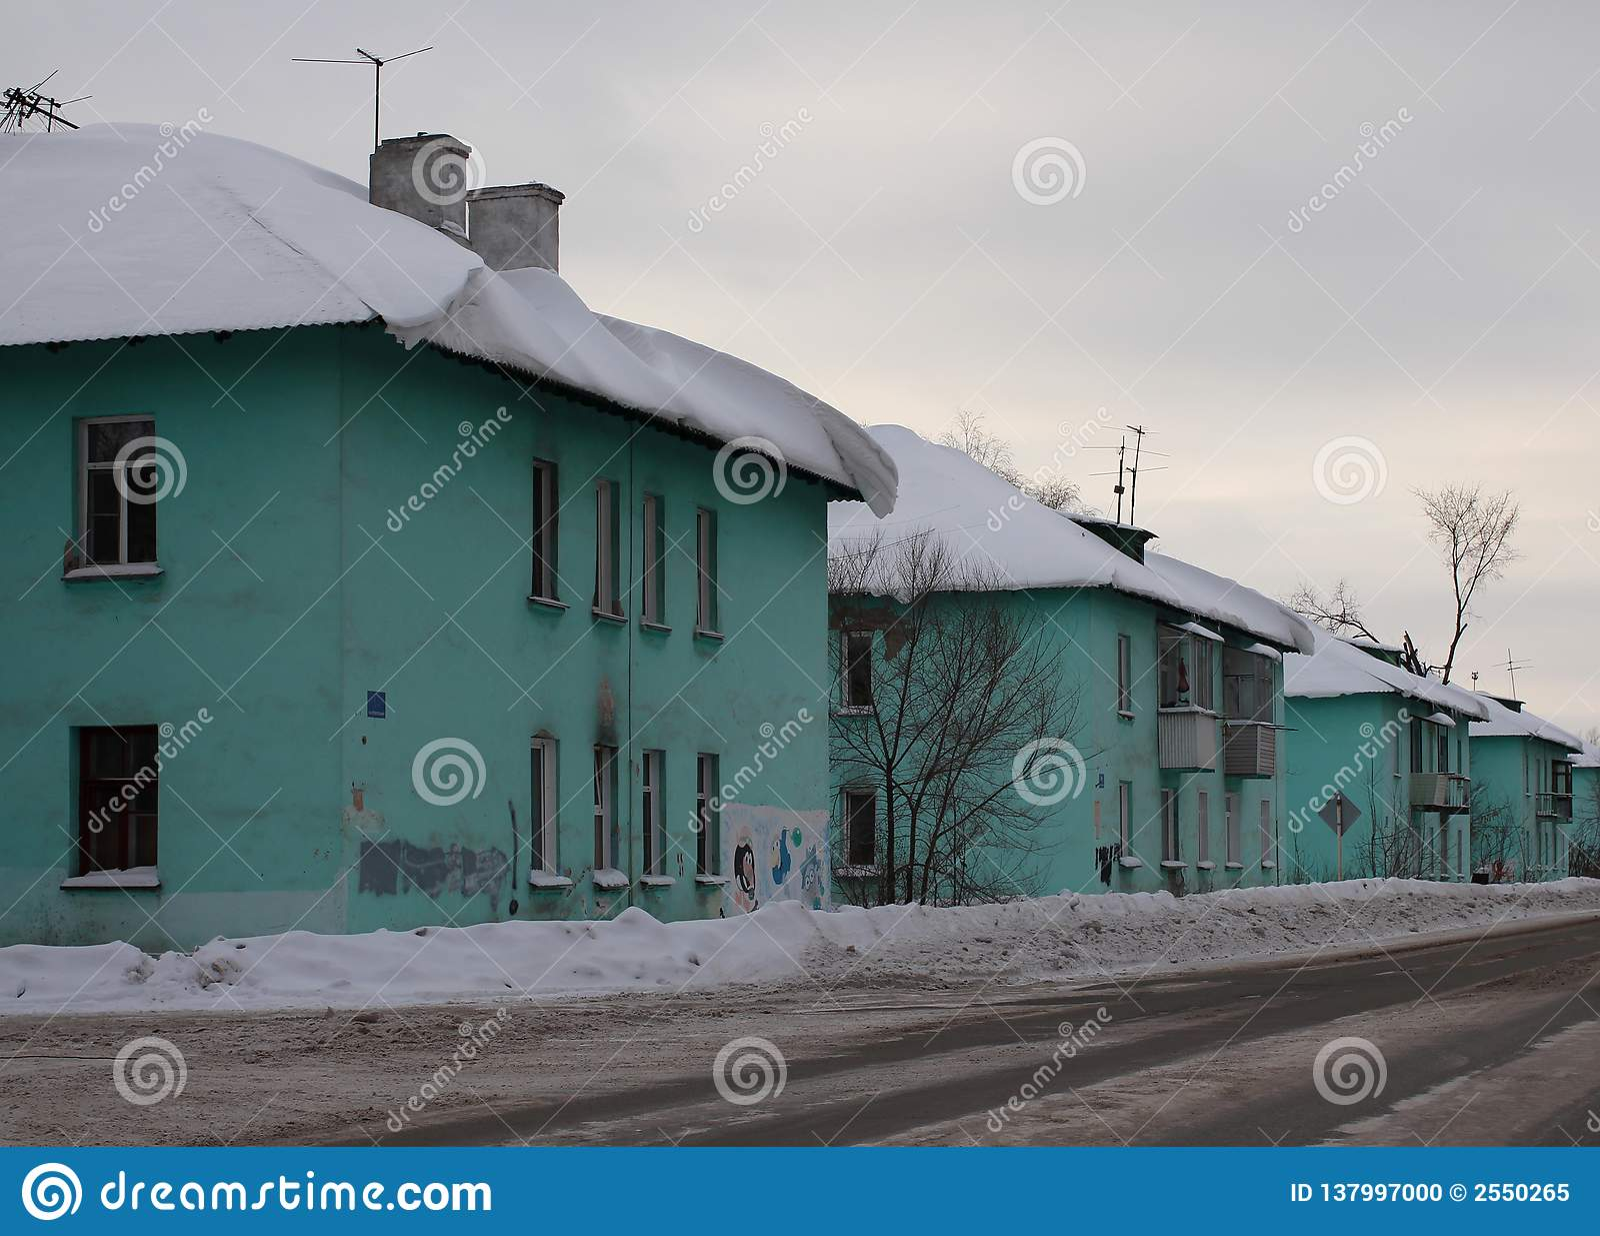 Región urbana de las pequeñas casas idénticas viejas la ciudad de Ob a lo largo de la calle un día de invierno gris, cubierto